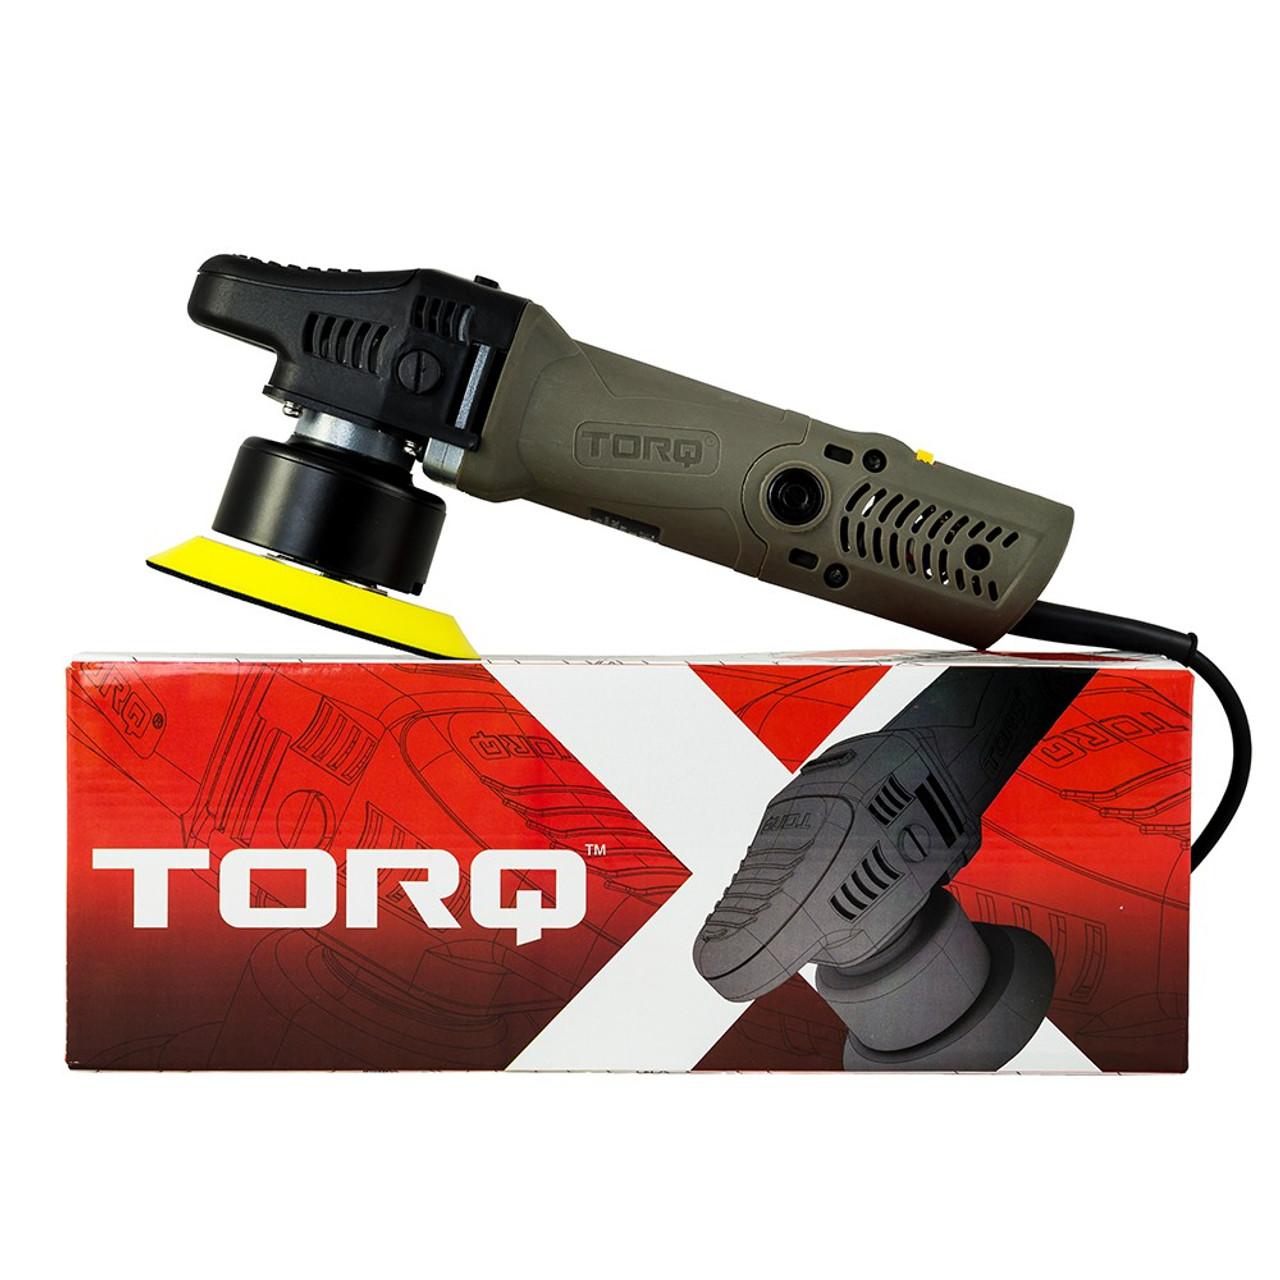 TORQX Polishing Machine